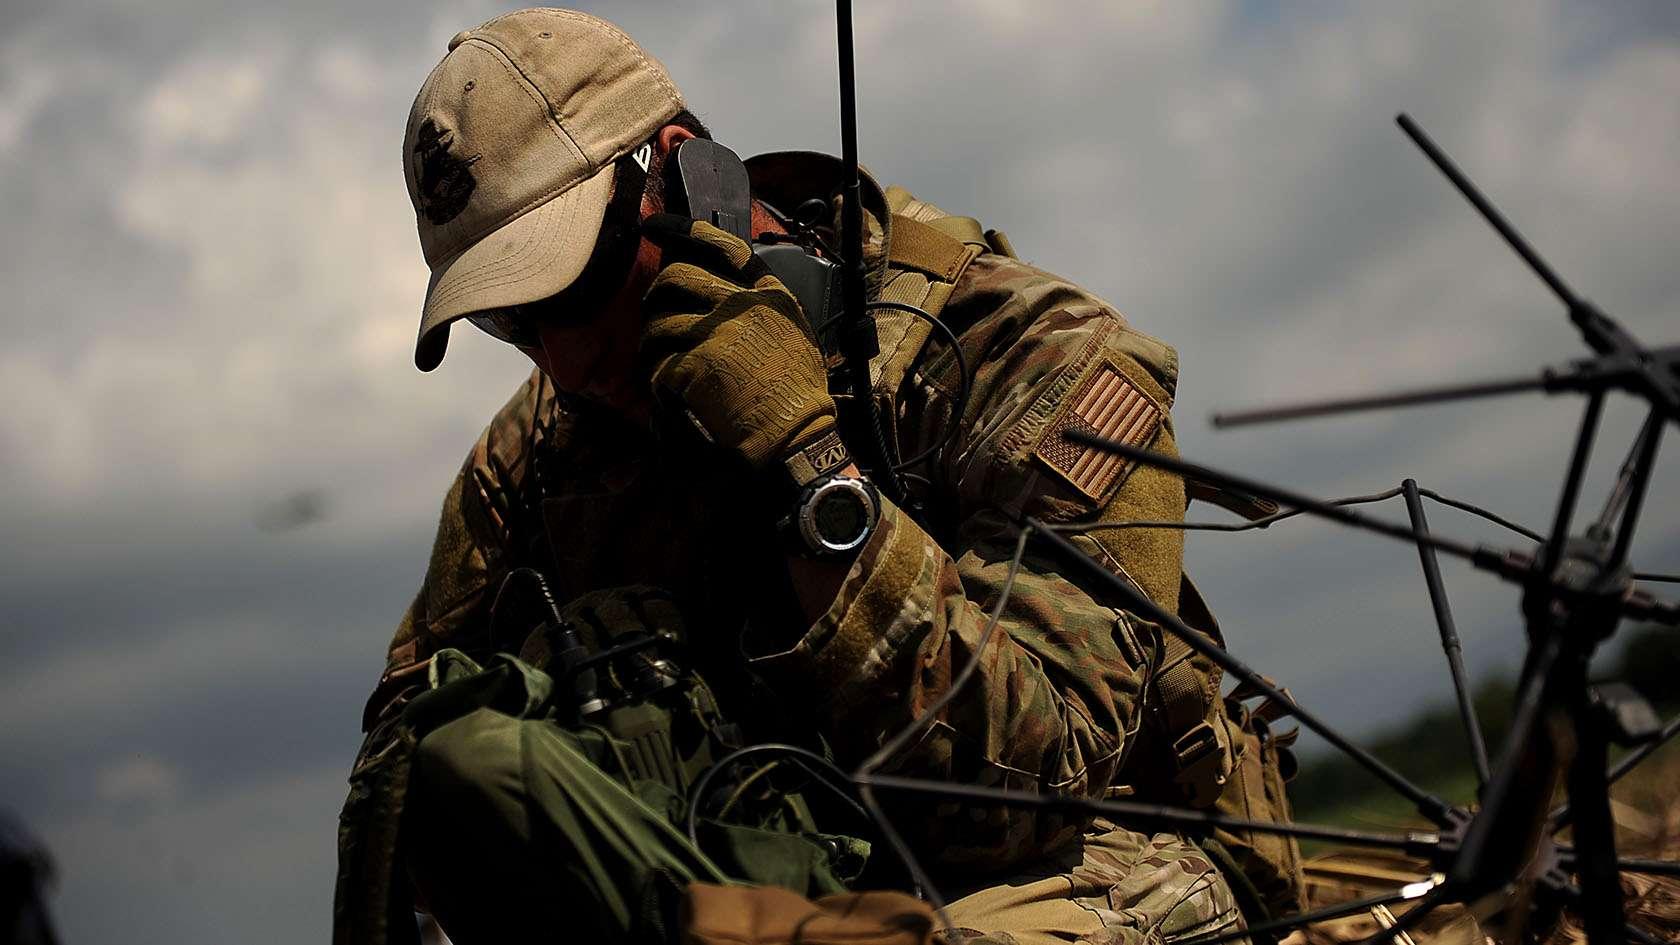 Via www.airforce.com